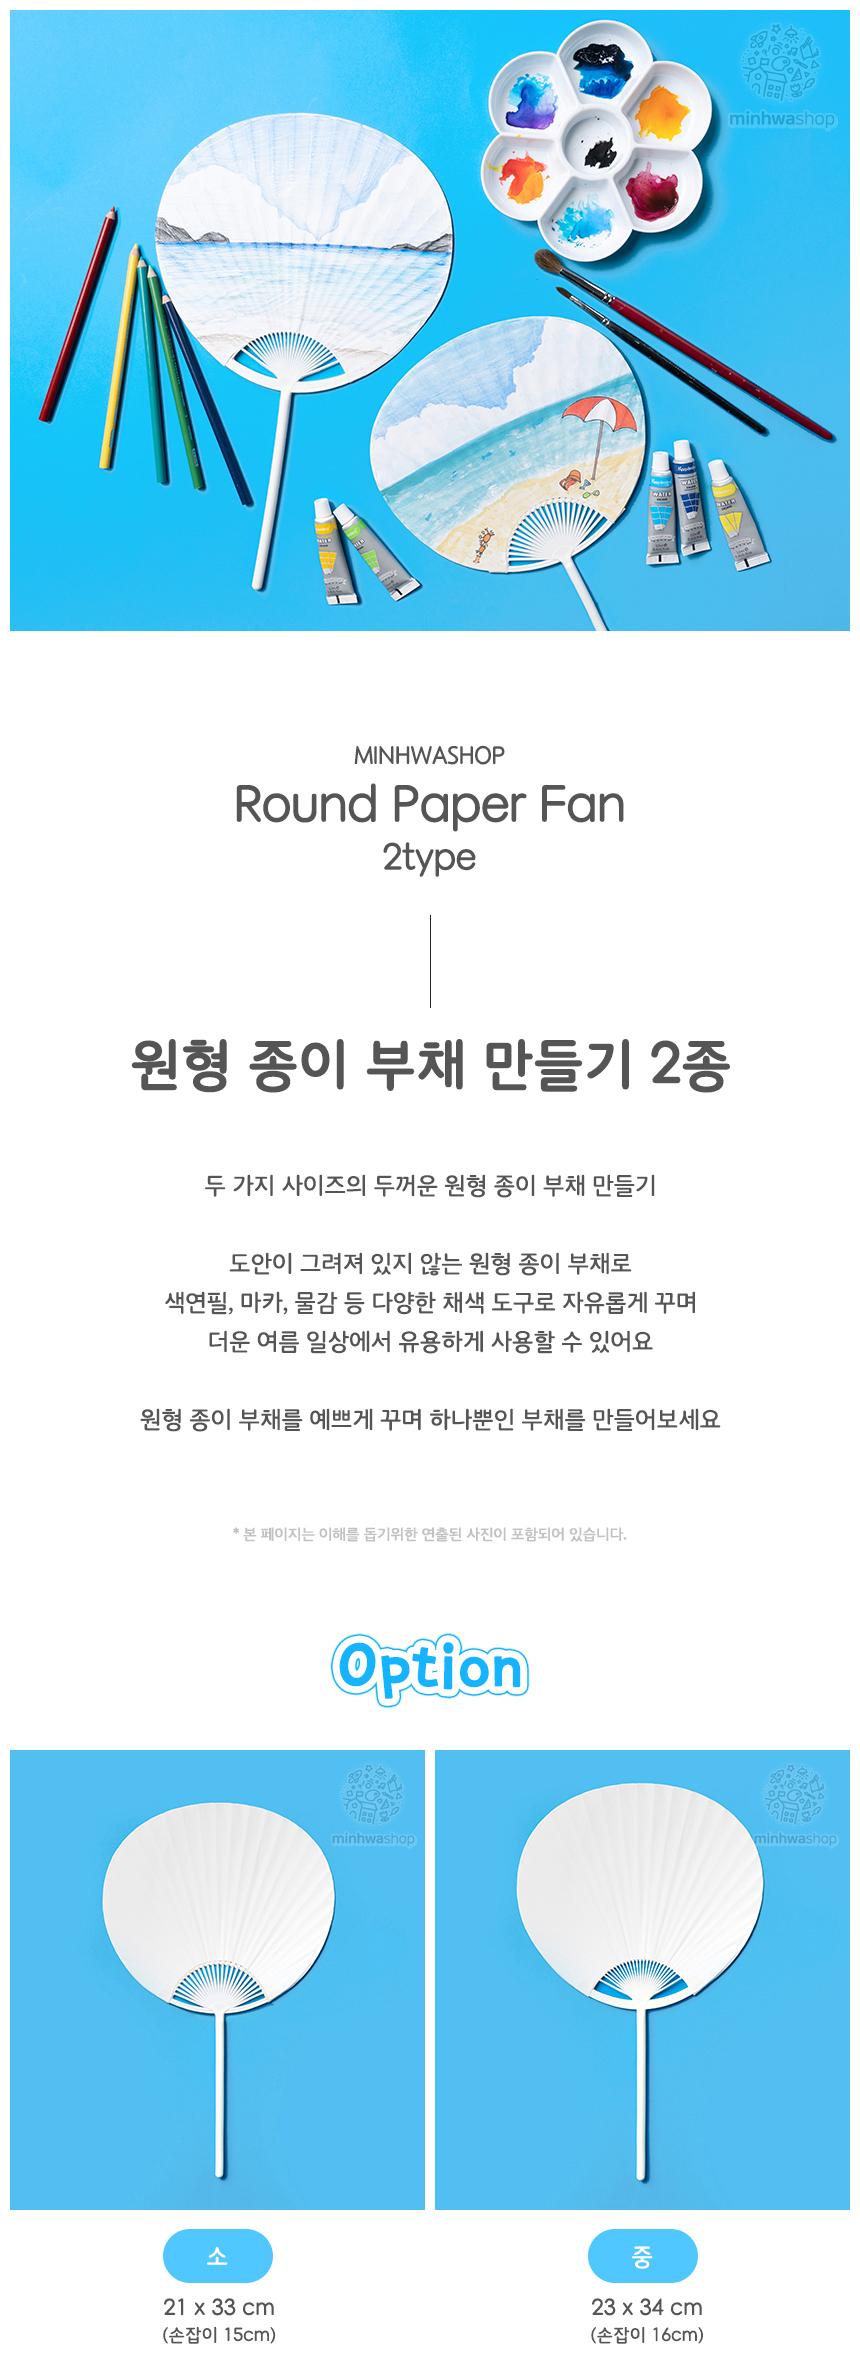 원형 종이부채만들기 - 민화샵, 1,000원, 종이공예/북아트, 종이공예 패키지